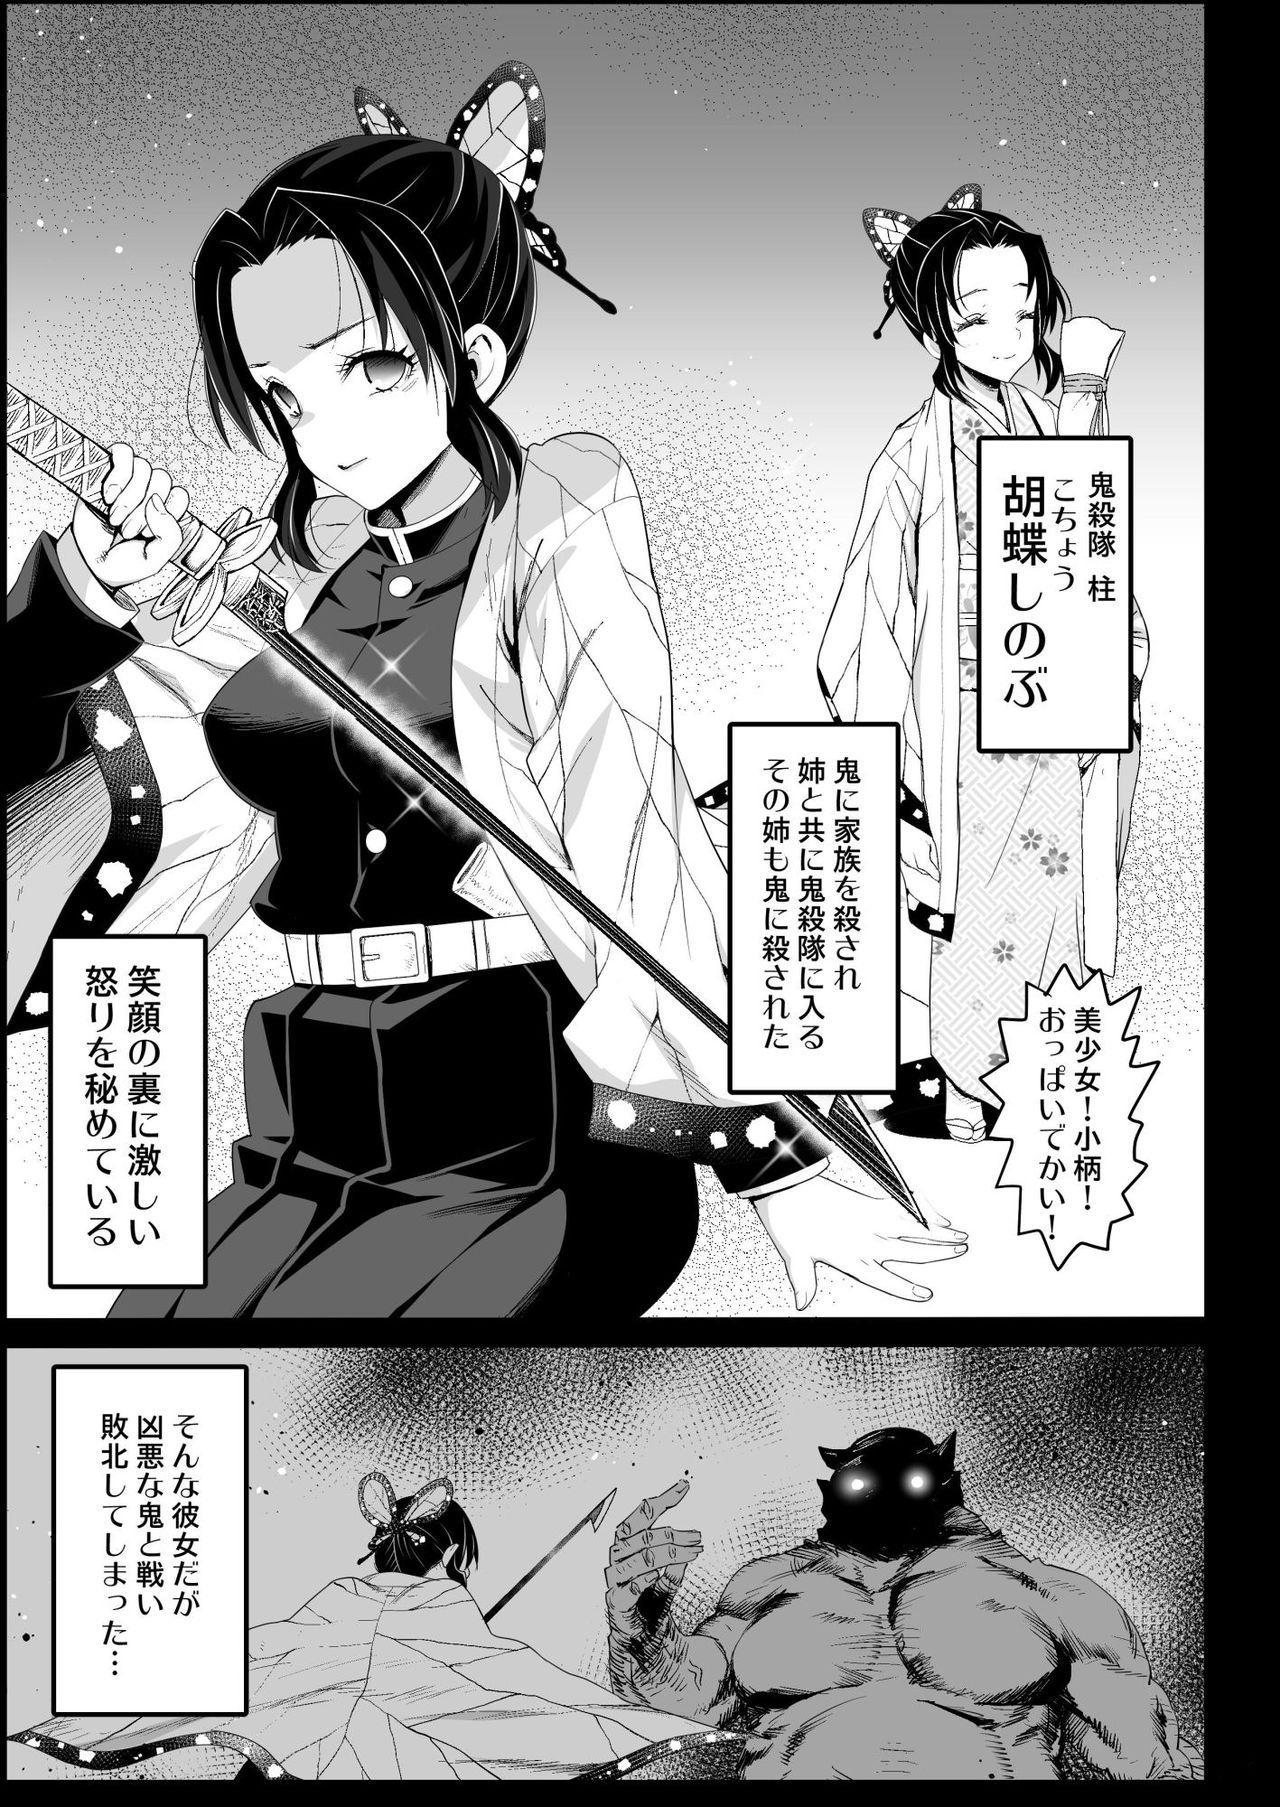 [Eromazun (Ma-kurou)] Kochou Shinobu Kan ~Neteiru Aida ni Ossan Oni ni Okasareru~ - RAPE OF DEMON SLAYER 2 (Kimetsu no Yaiba) 4